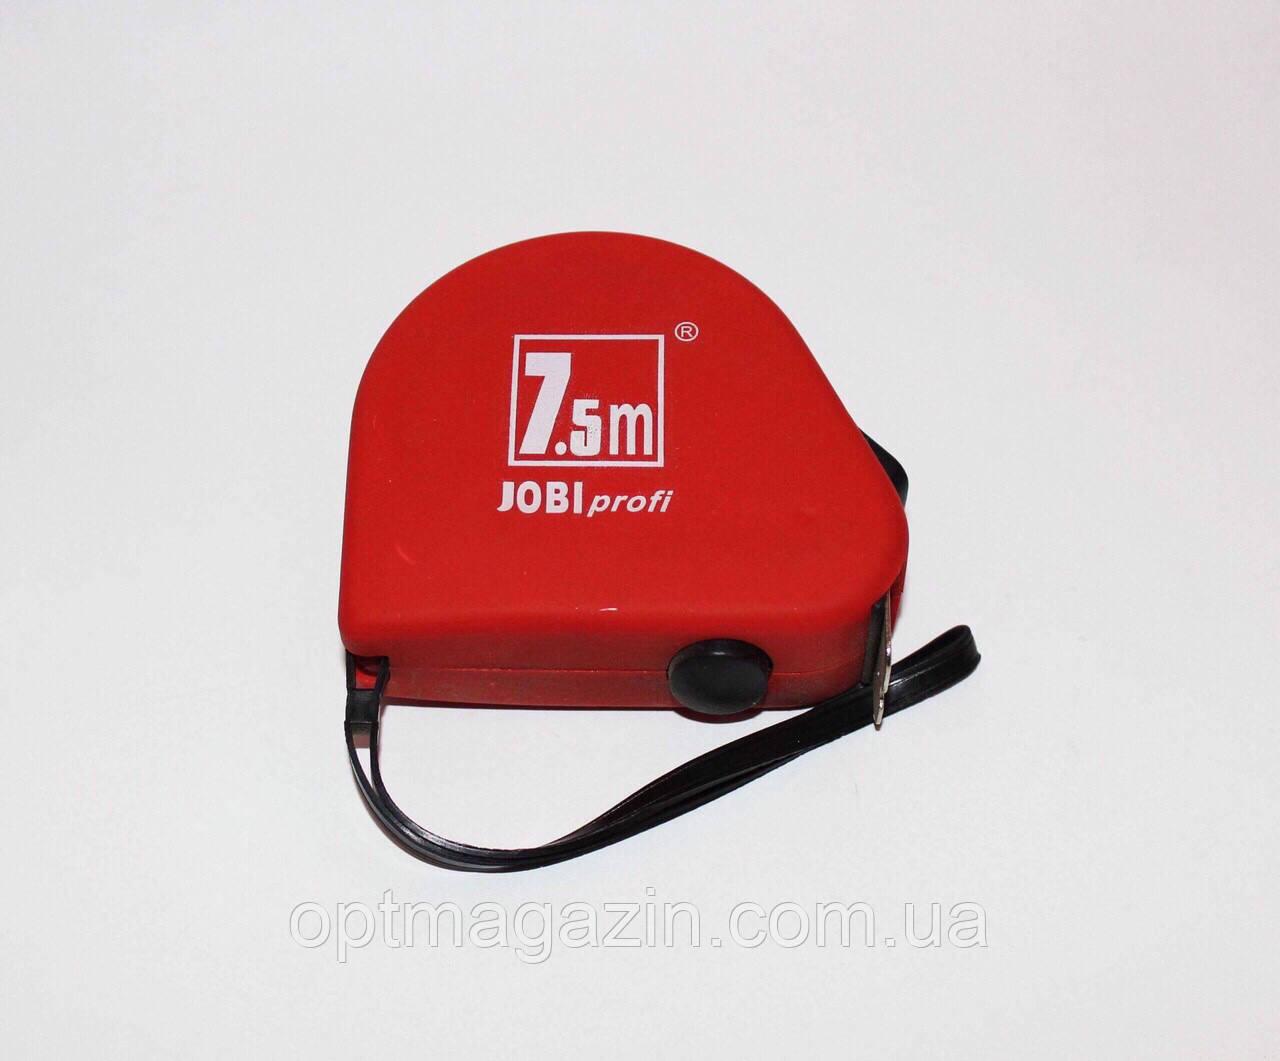 Рулетка вимірювальна Джобі профі. Jobi profi 7.5 м